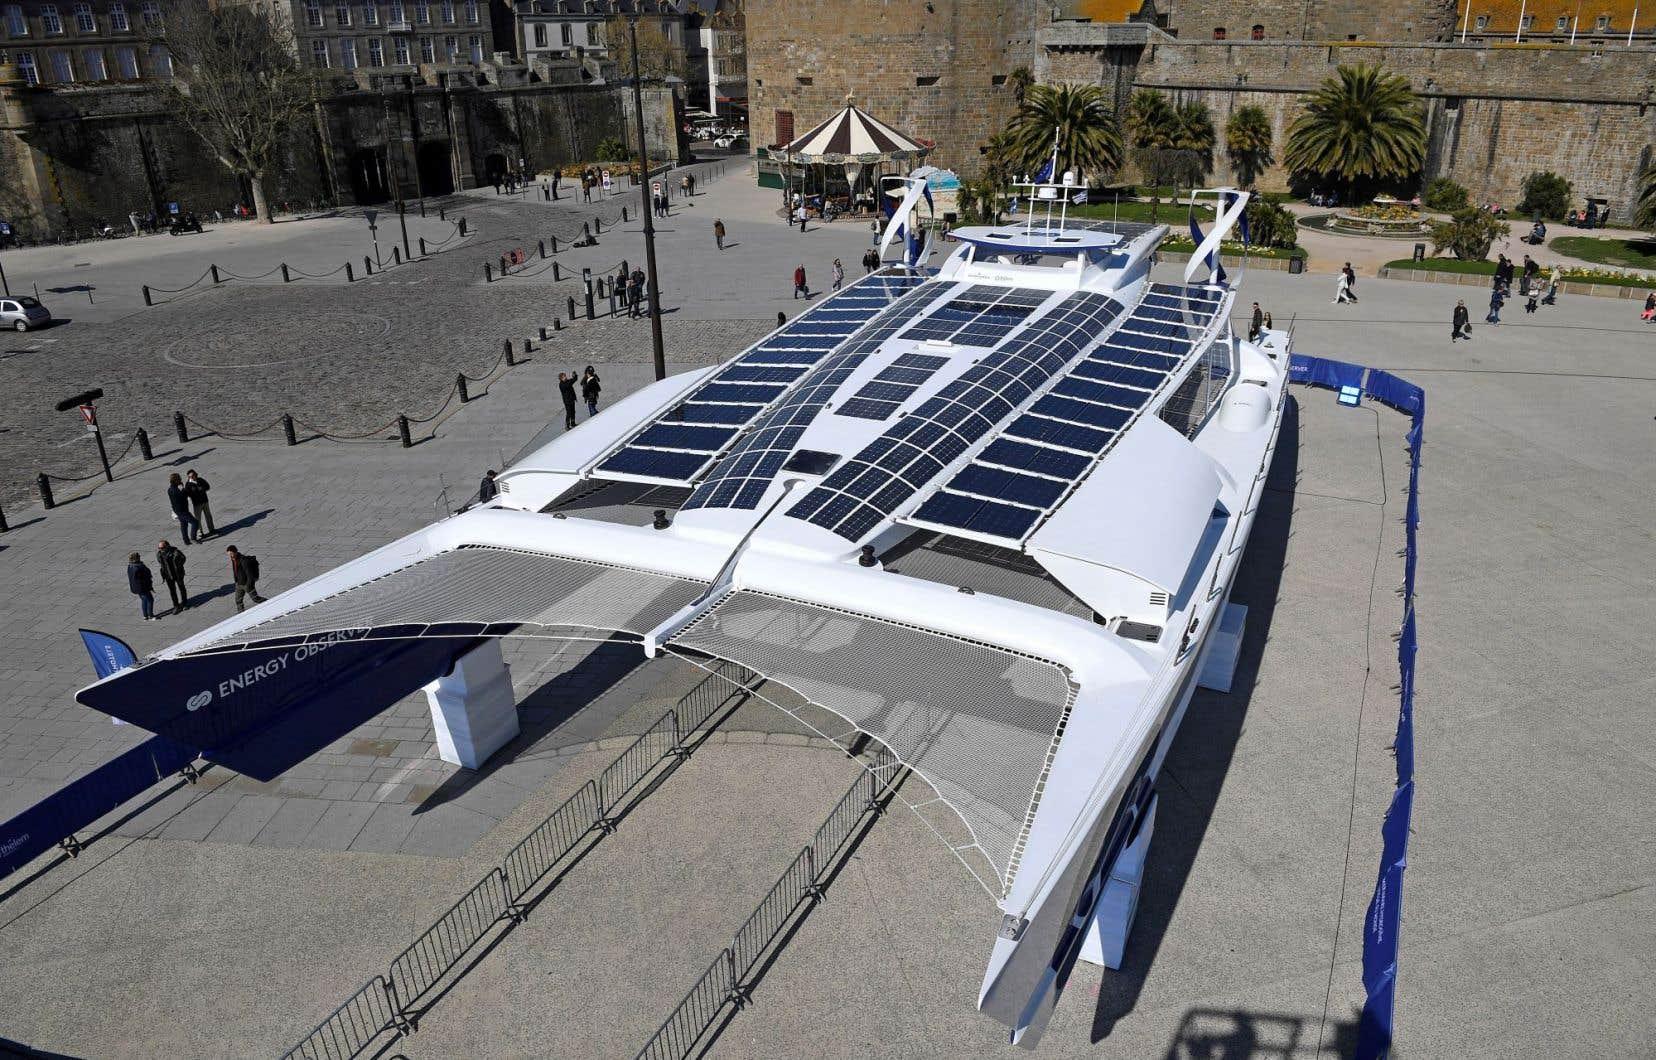 Le catamaran de 30,5m de long pour 12,80m de large est le premier bateau au monde capable de produire son propre hydrogène par électrolyse à partir de l'eau de mer.